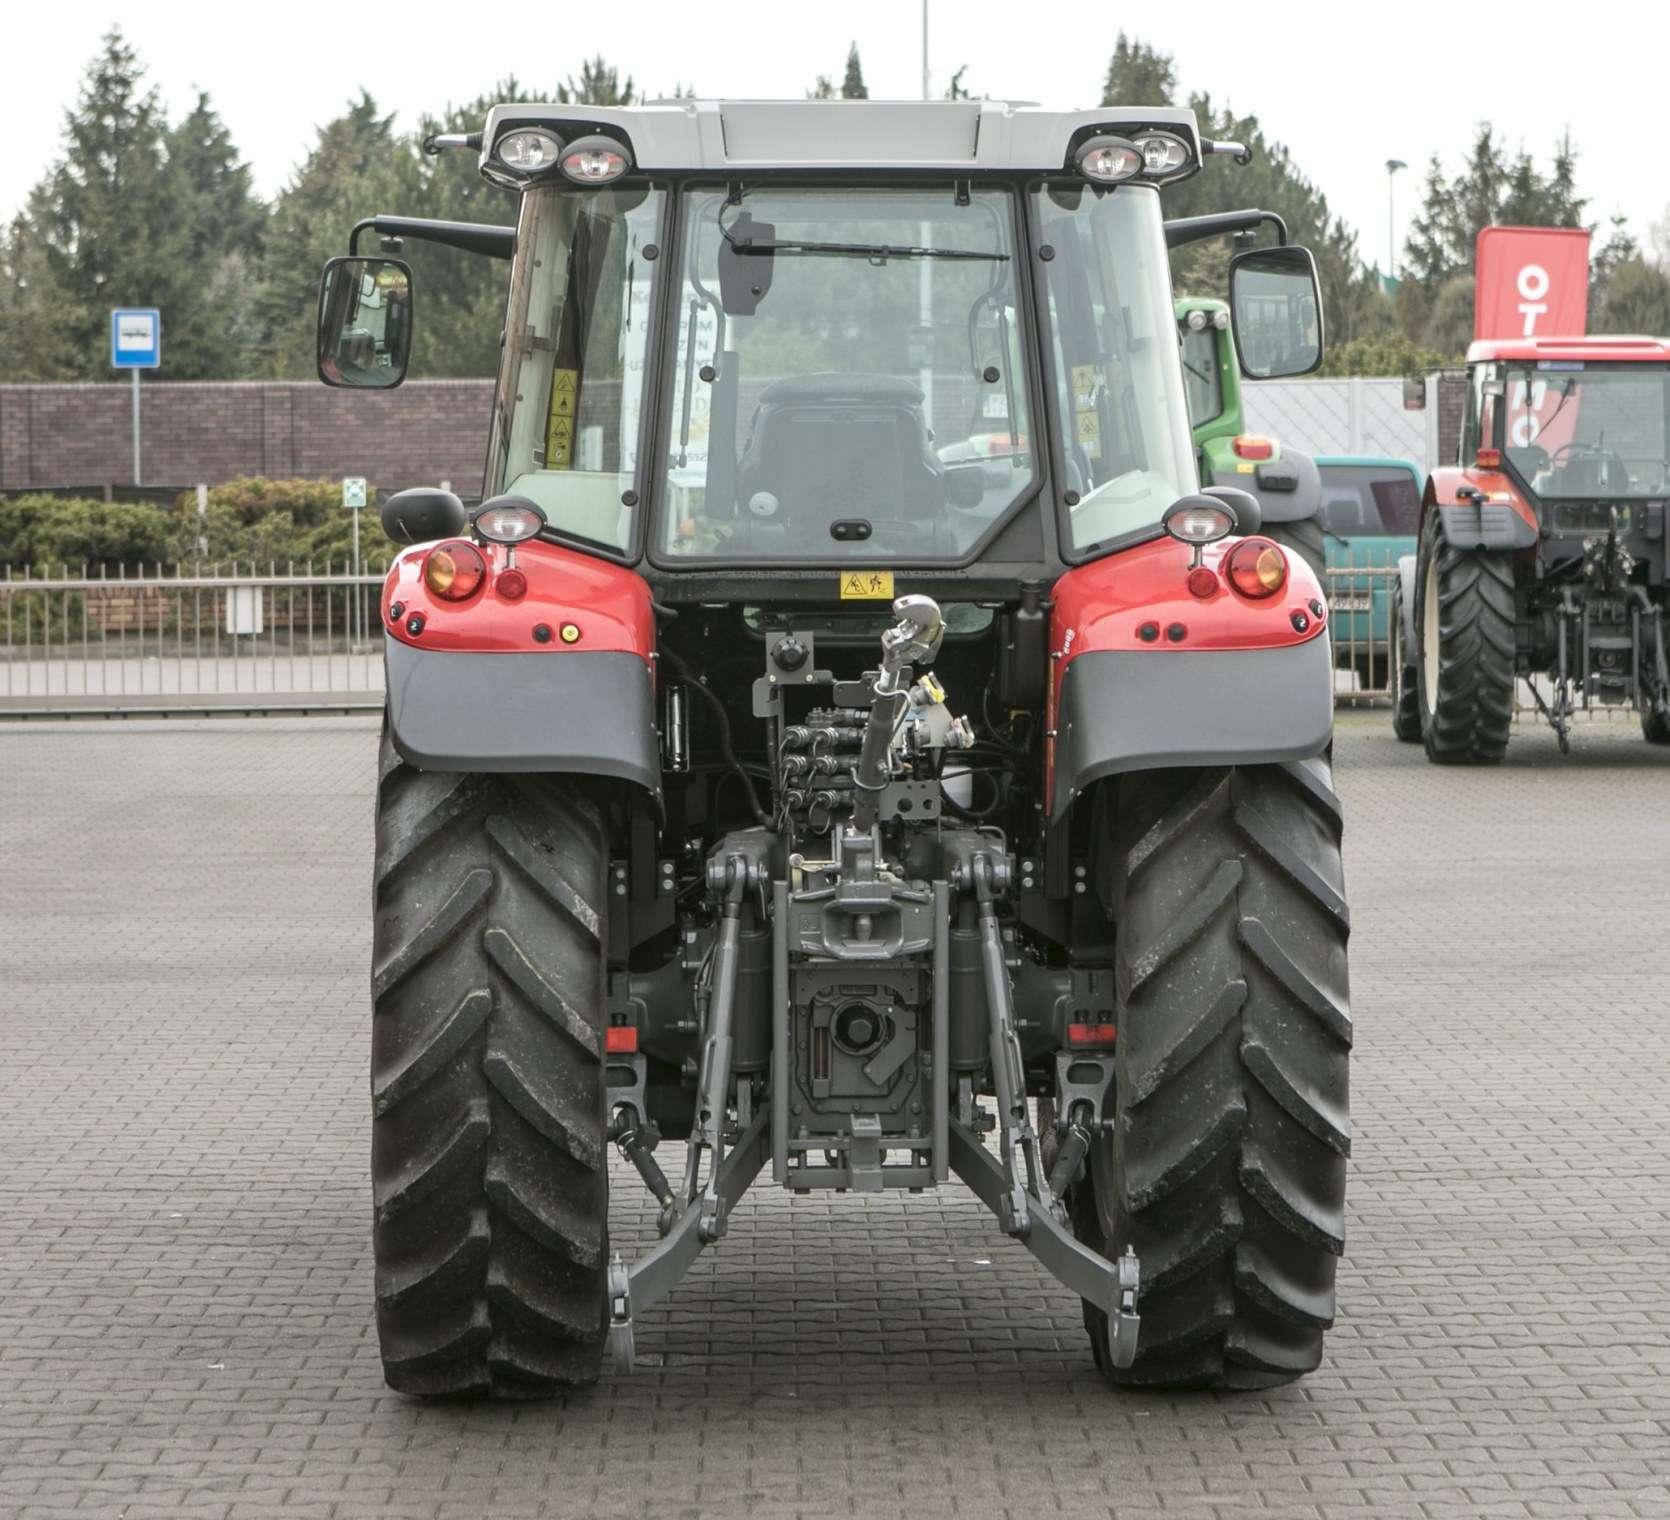 Tył traktora widoczny podnośnik MF model 5611